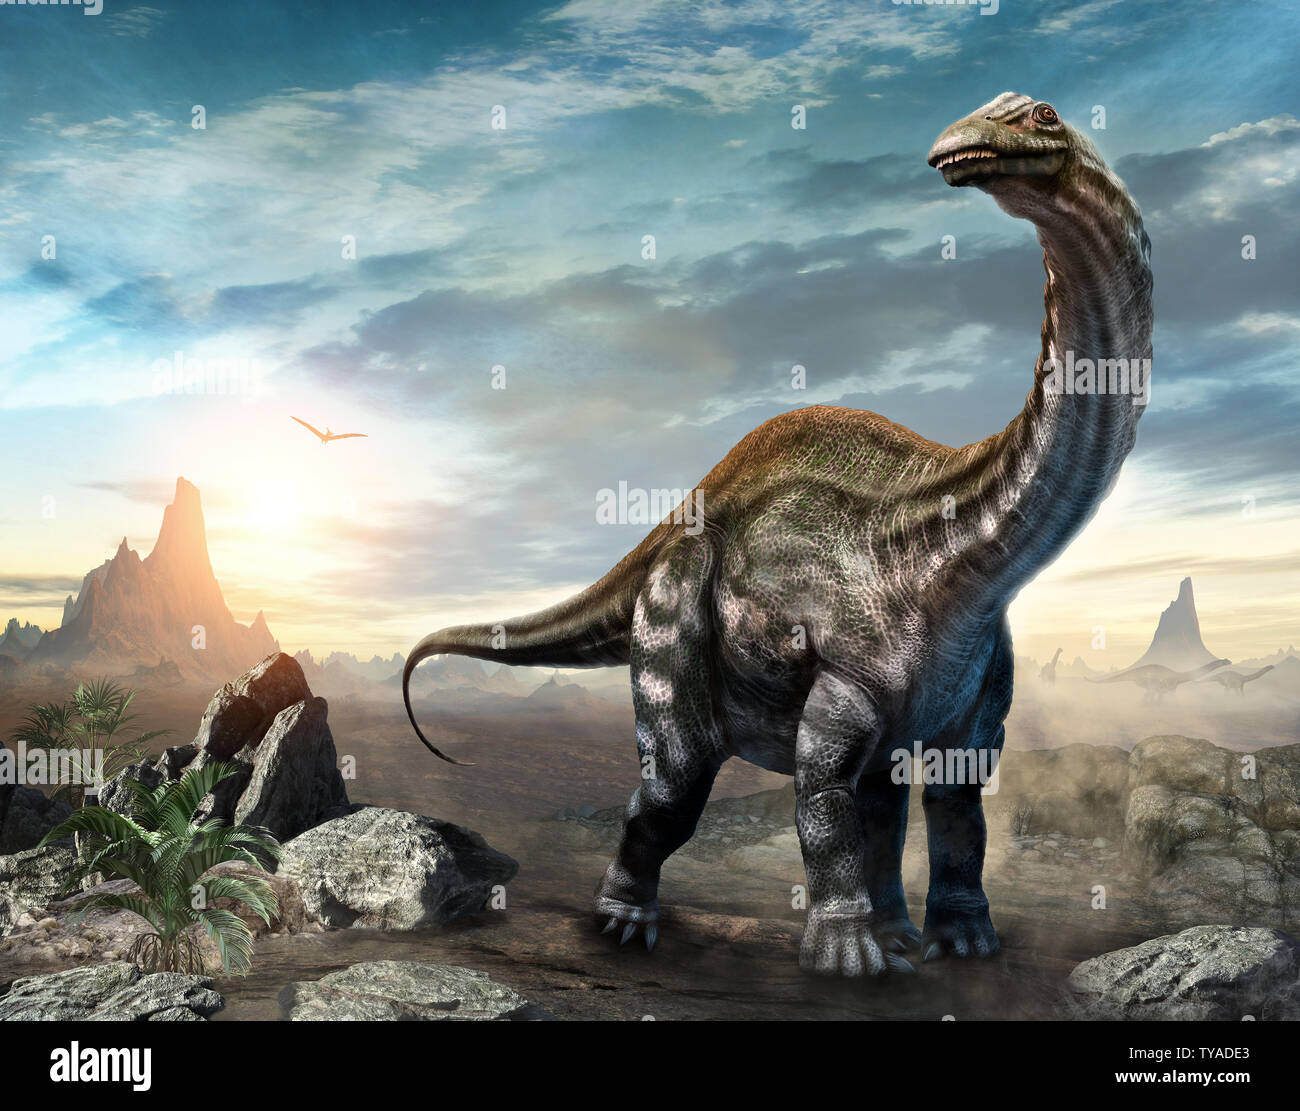 Dinosaurio Apatosaurus escena ilustración 3D Foto de stock